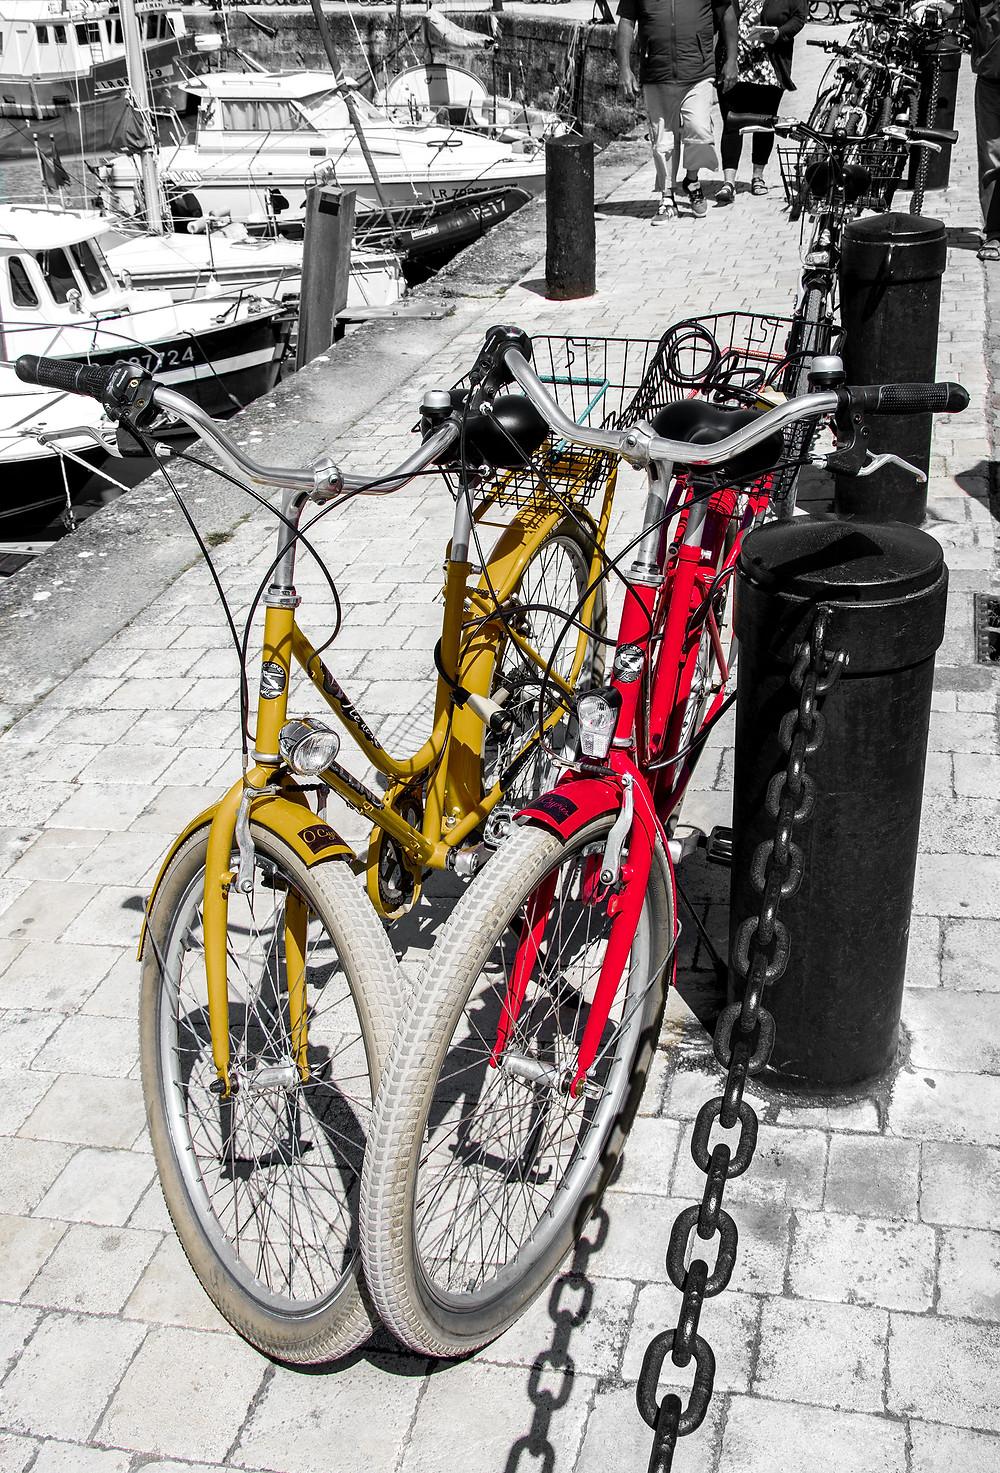 cette photo de vélos à été prise à La Rochelle - roguierphotos